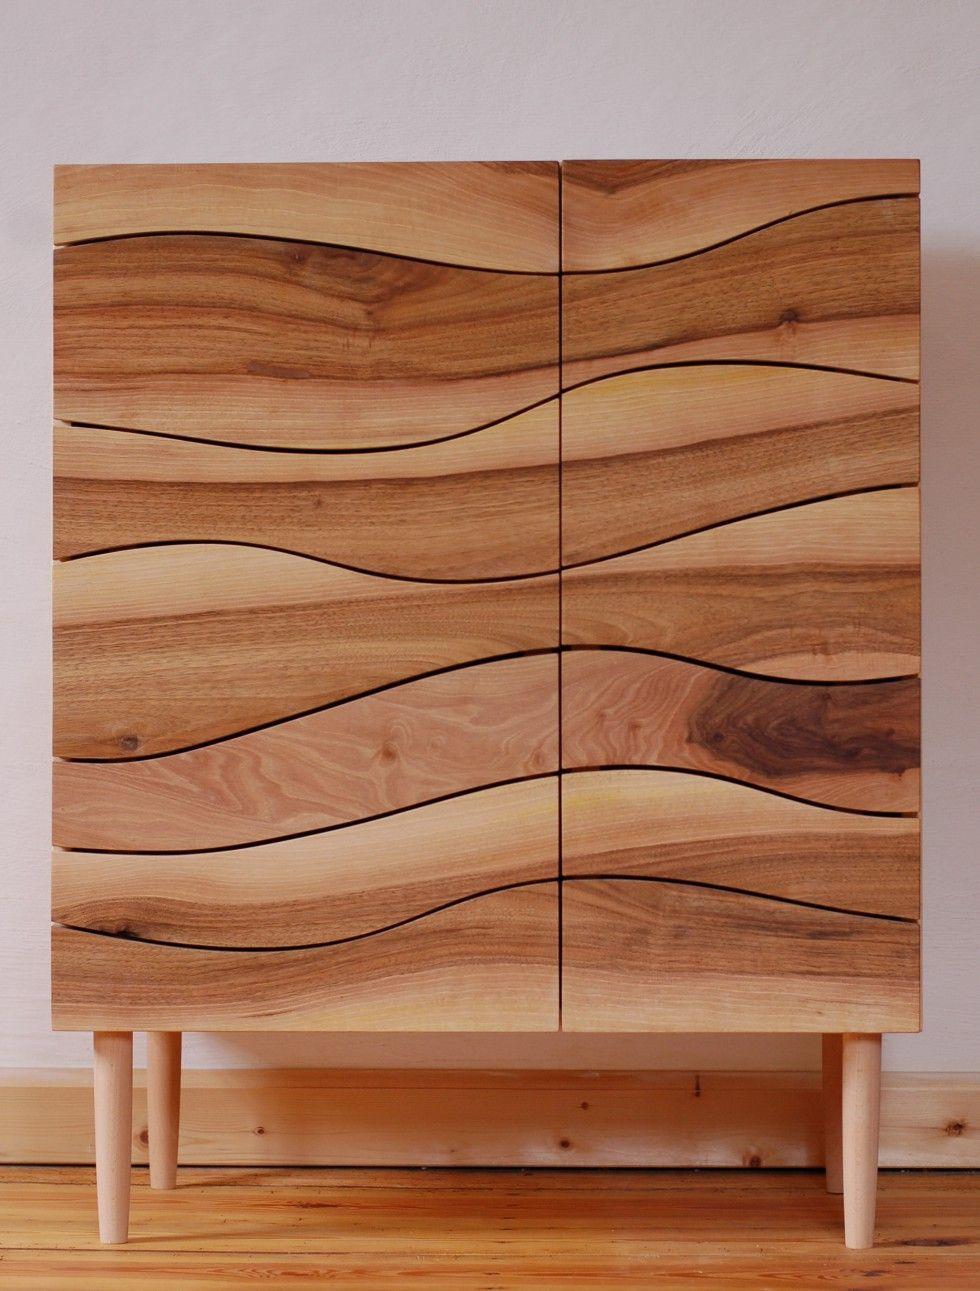 Massivholzmoebel Modern Schlicht Design Eiche Altholz Nussbaum Regionales Holz Kommode Kuche Vollholz Einrichtungen Ba Badschrank Holz Kuche Eiche Schrank Holz